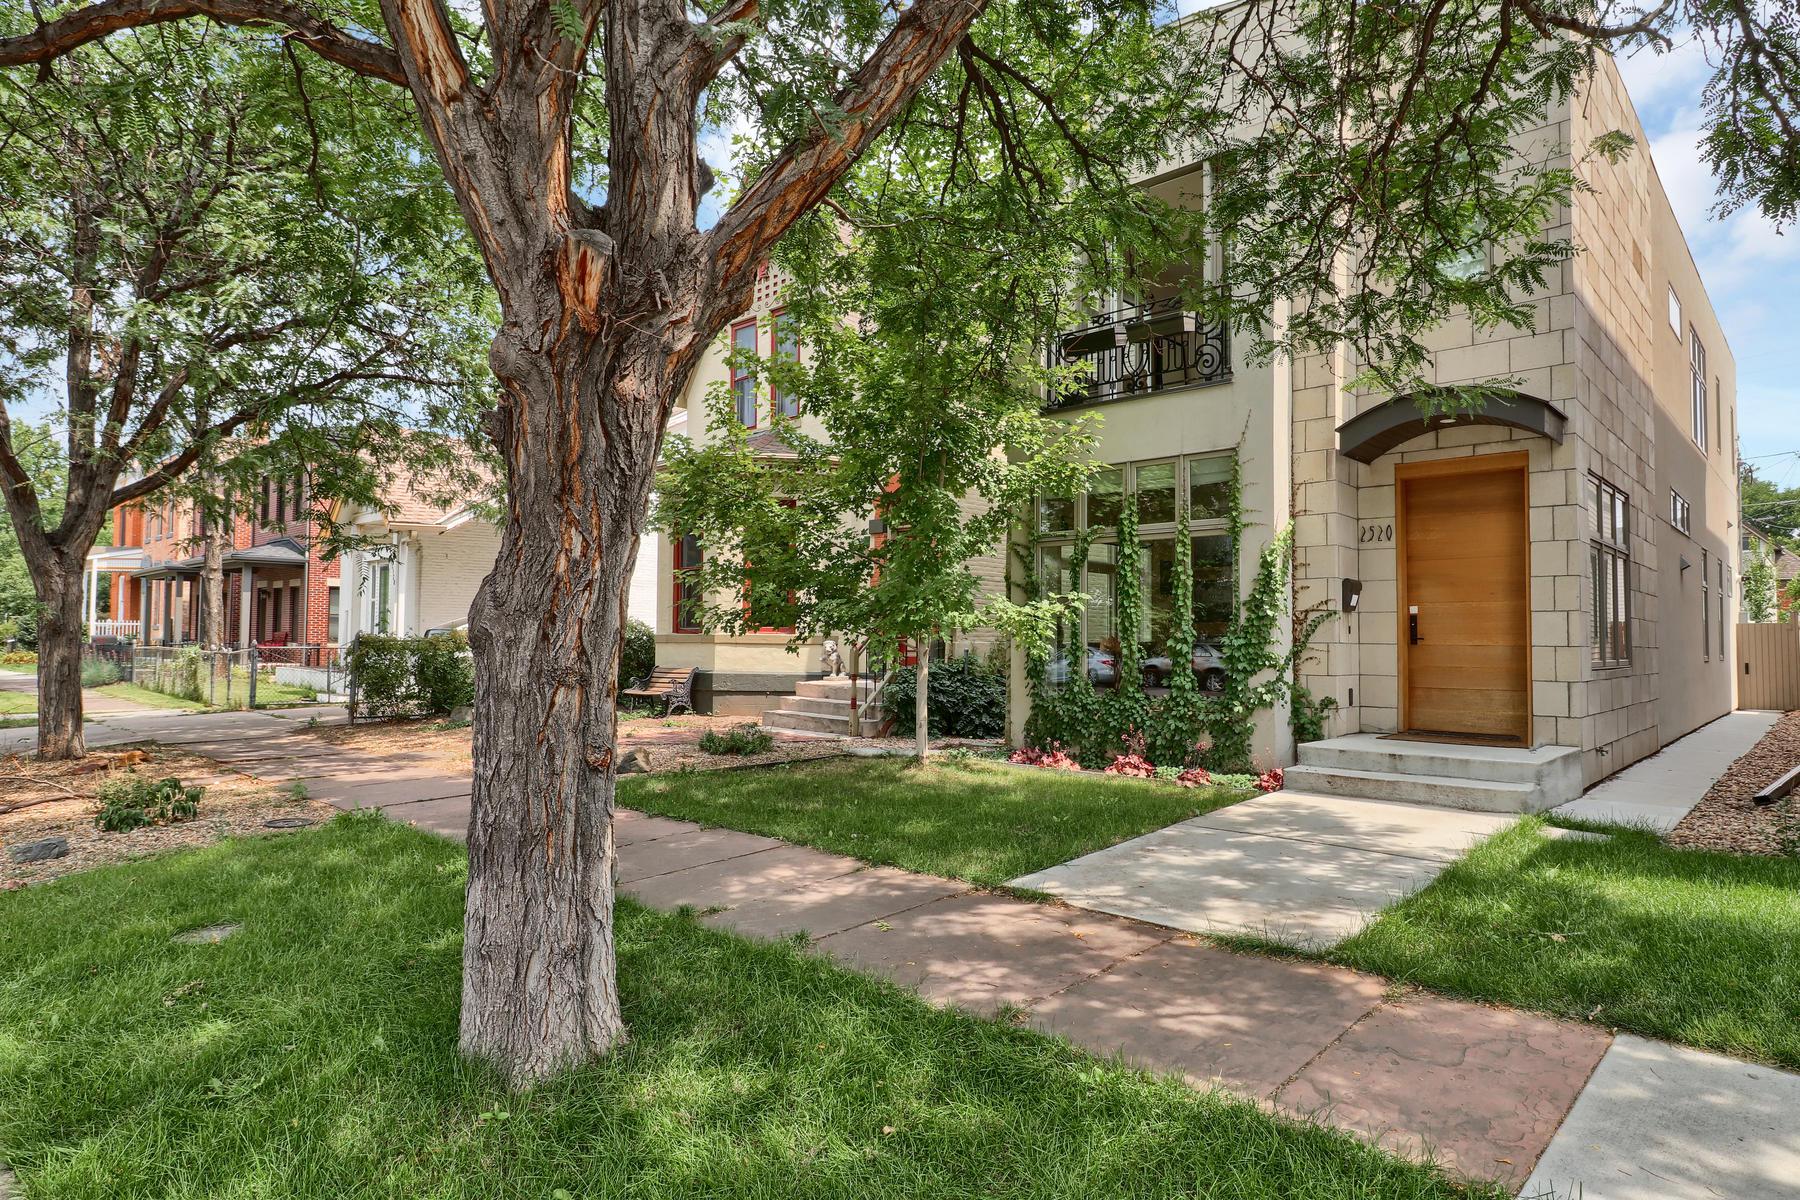 Casa Unifamiliar por un Alquiler en Sophistication Meets Urban Hip 2520 Stout St Denver, Colorado 80205 Estados Unidos